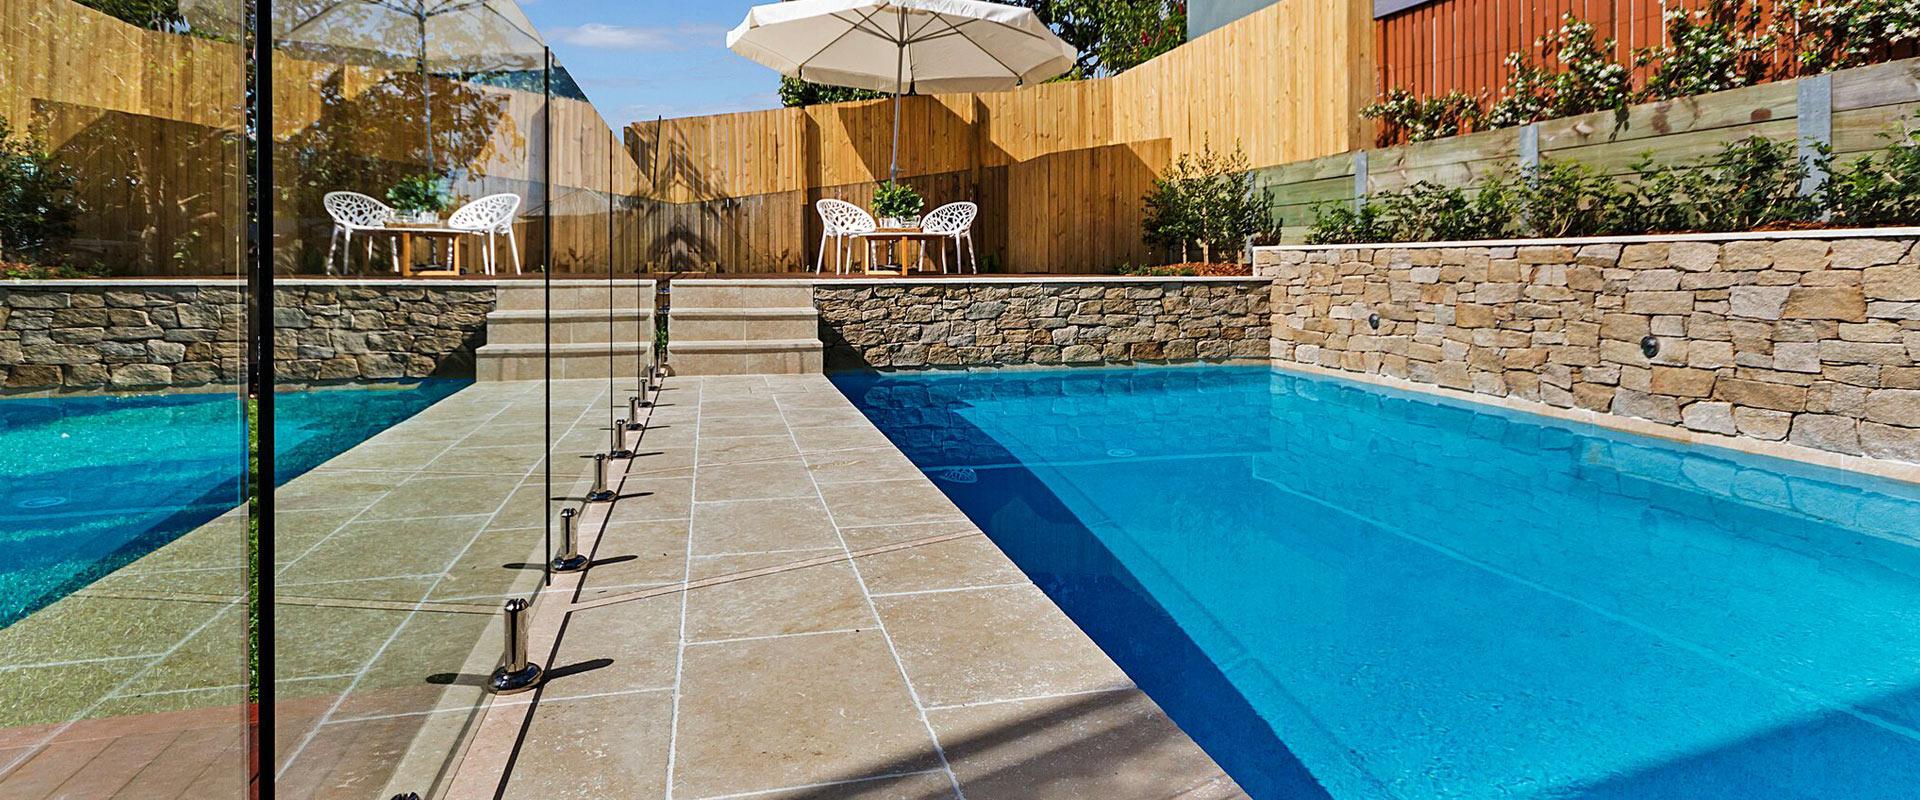 concrete pool renovations brisbane